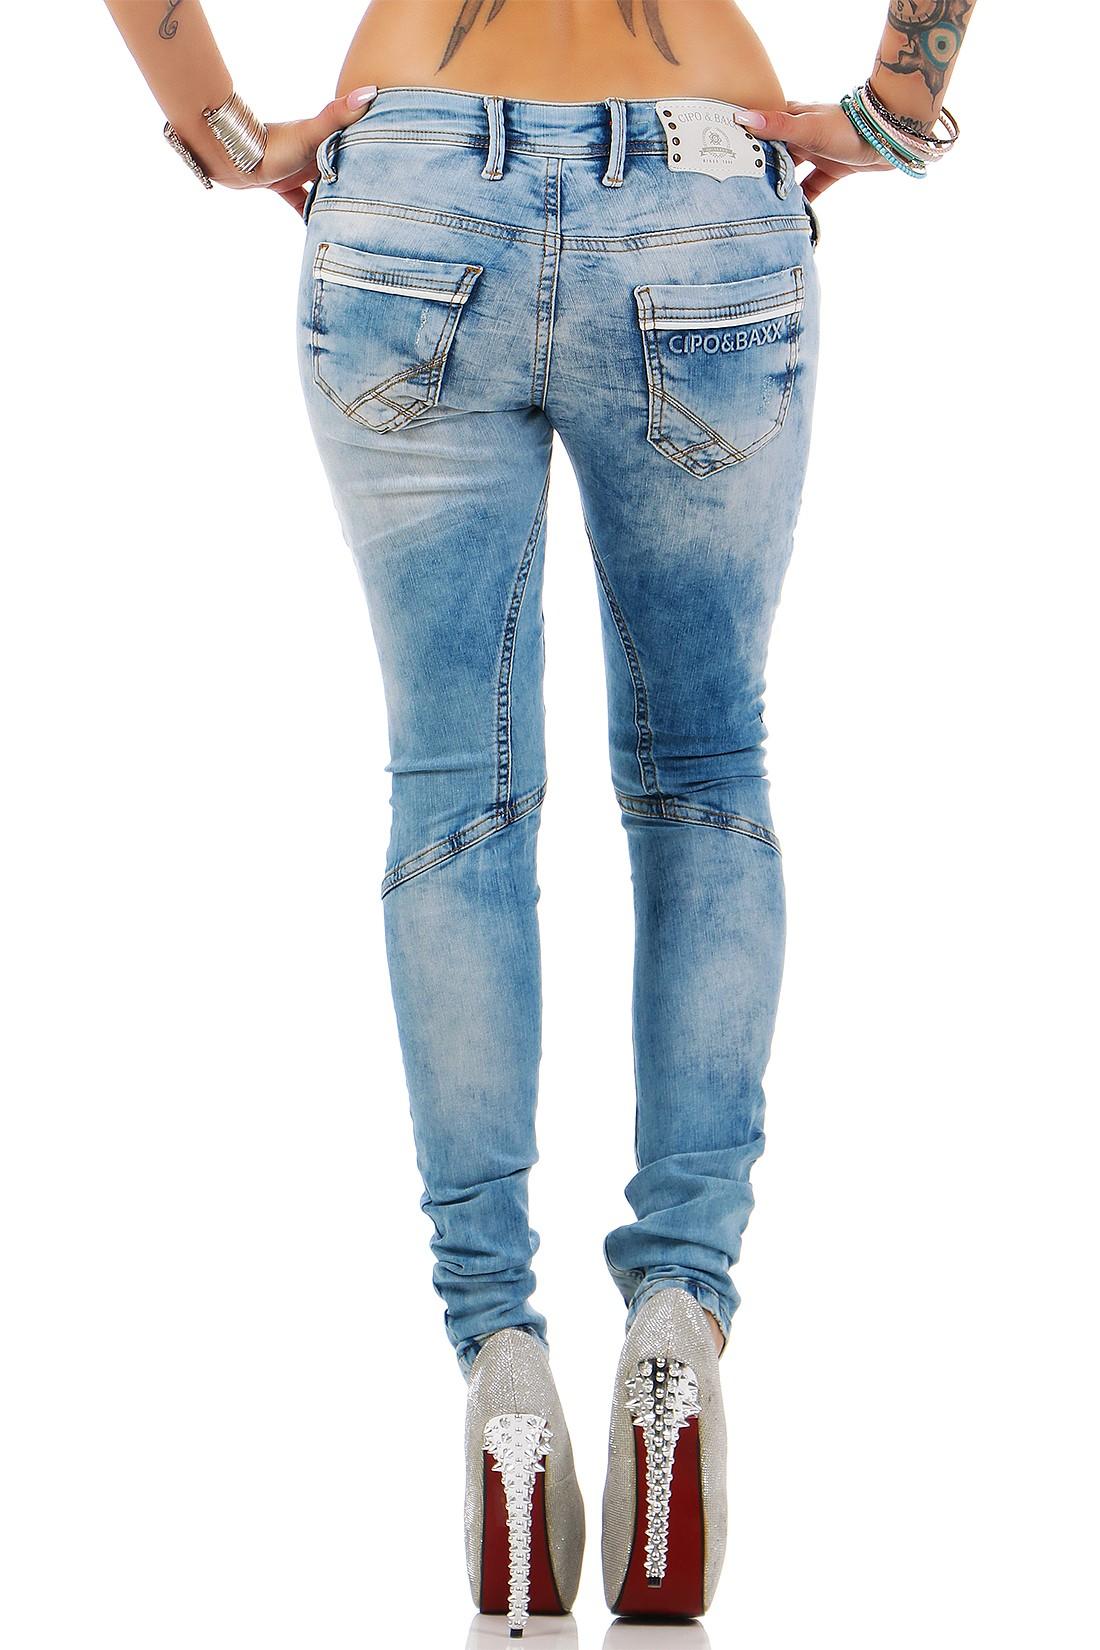 Verschiedene-Cipo-amp-Baxx-Damen-Jeans-Hosen-Slim-Fit-Regular-Fit-Streetwear Indexbild 52